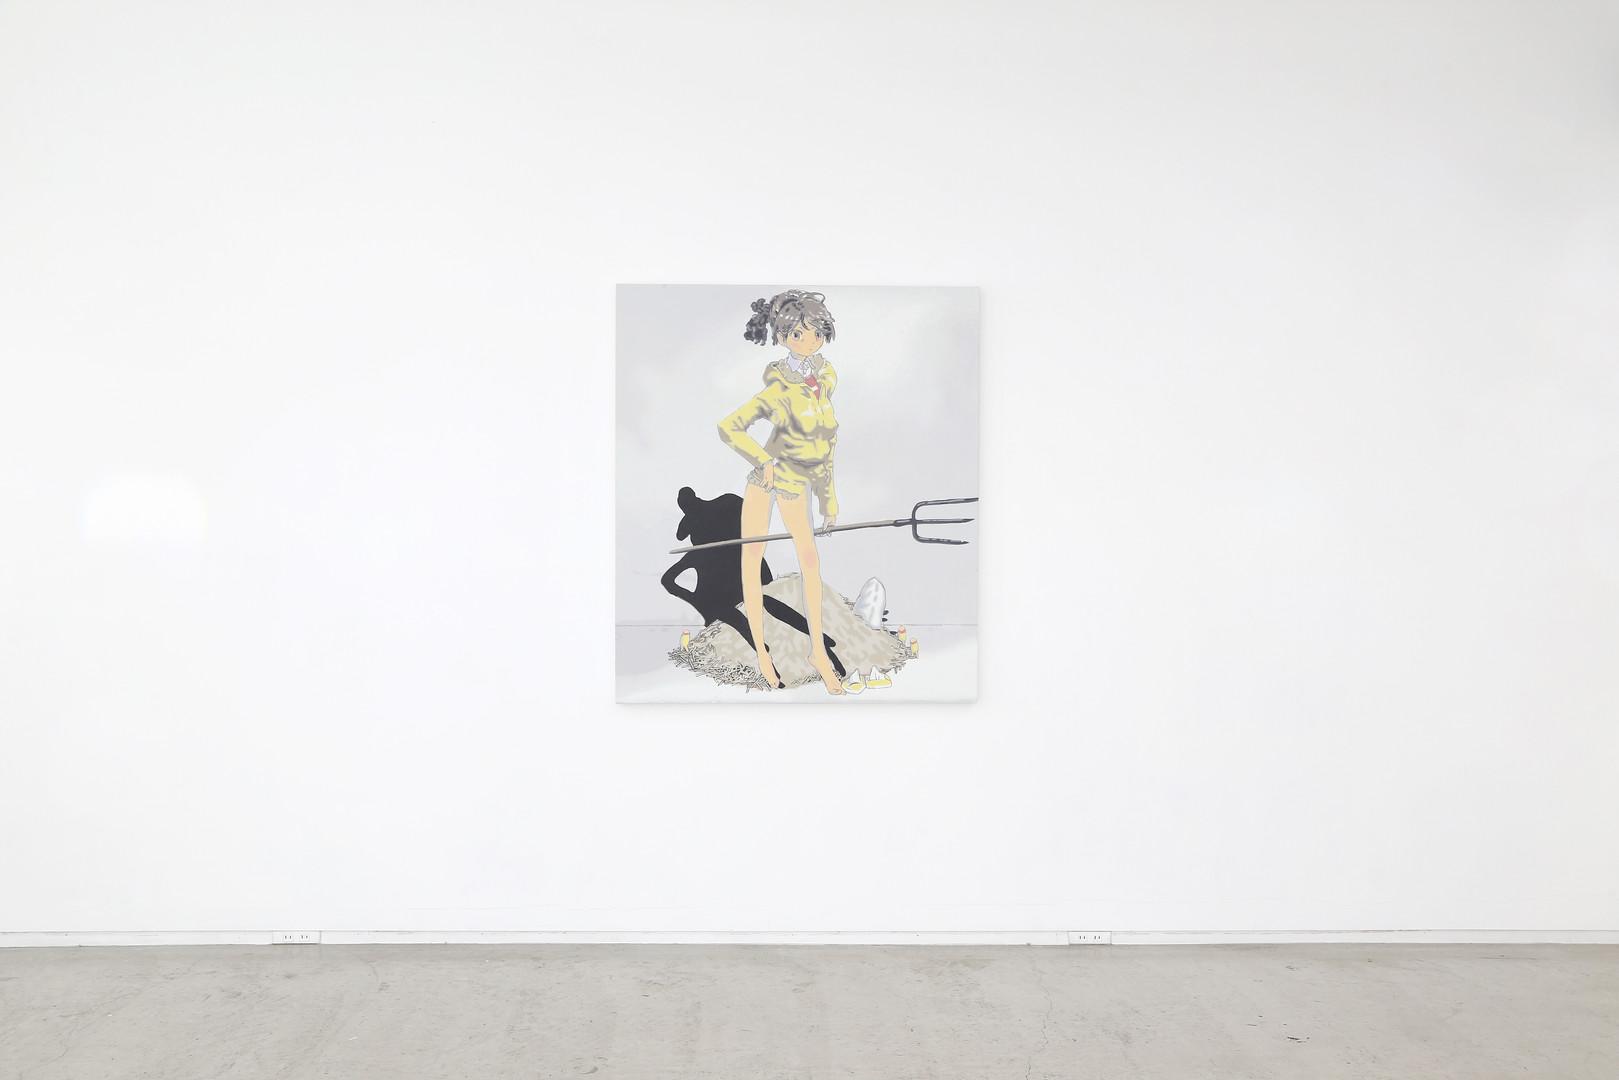 大竹 竜太 / Ryuta Ohtake